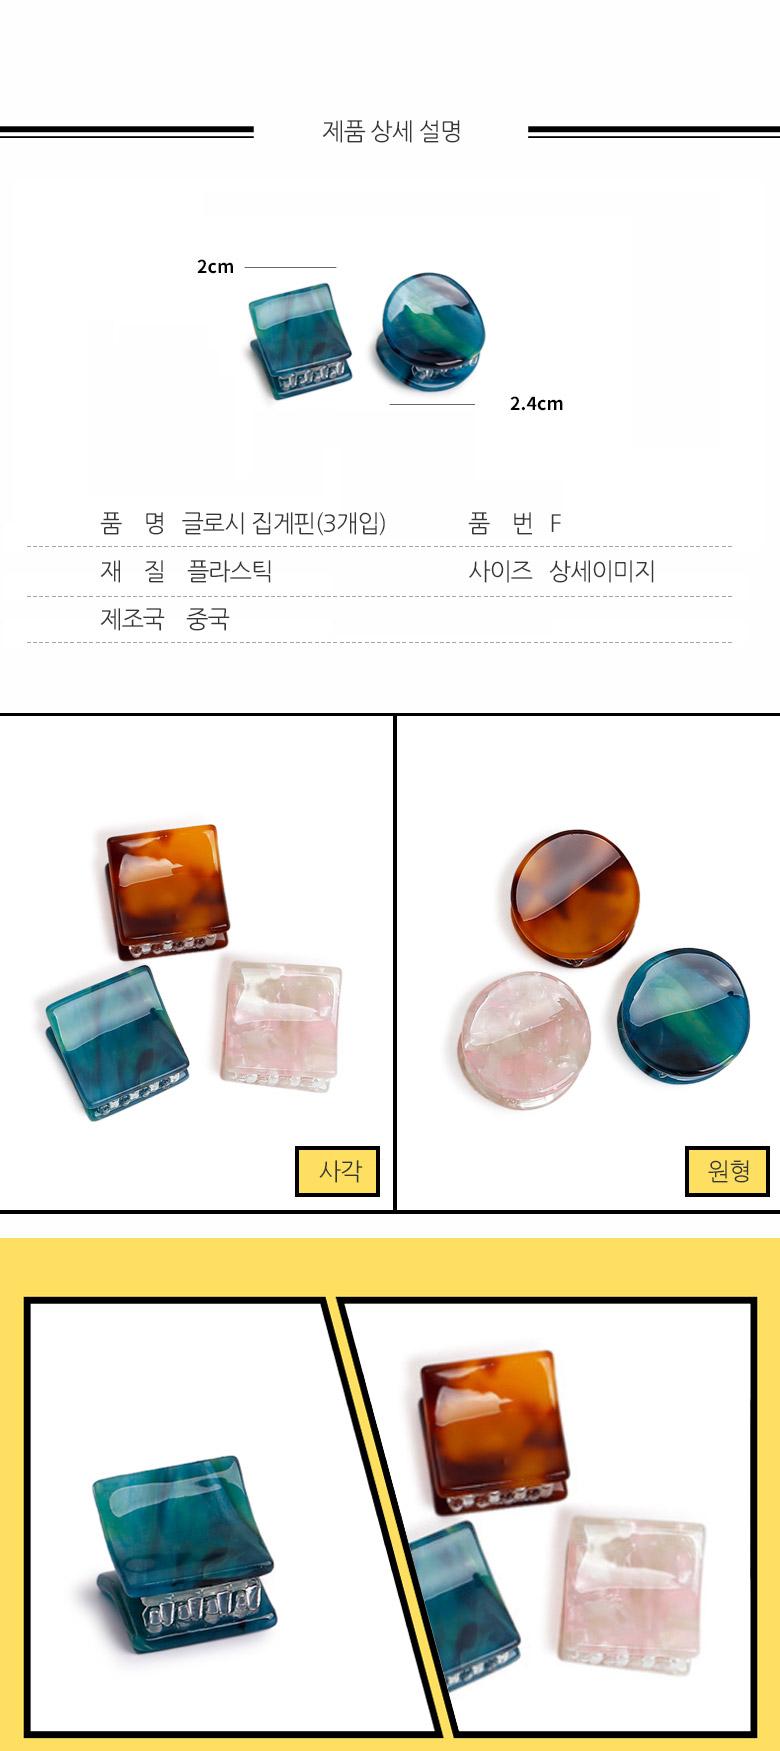 글로시 집게핀(3개입) - 유앤알코리아, 3,900원, 헤어핀/밴드/끈, 헤어핀/끈